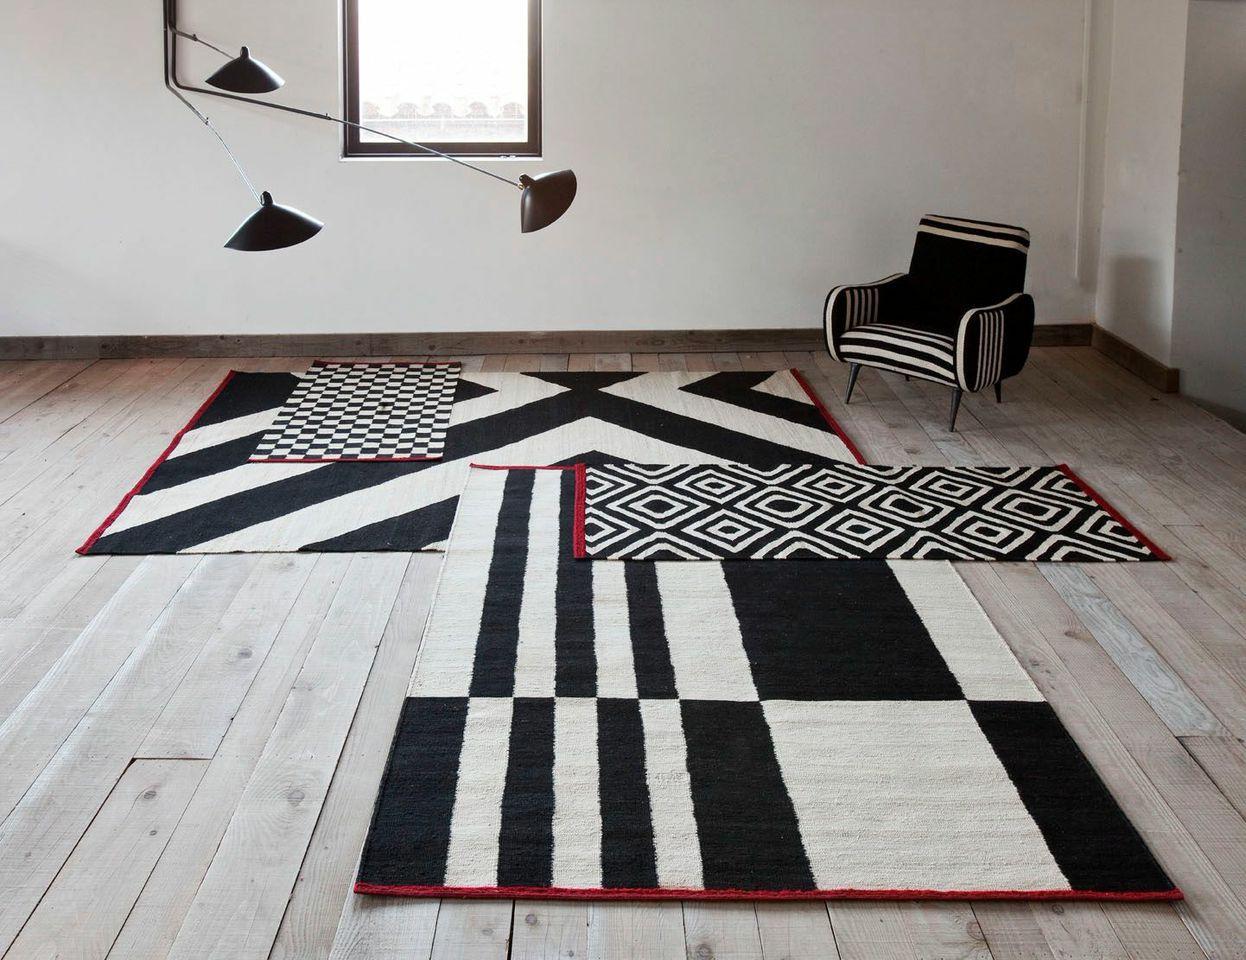 Mélange Collection Designed By Sybilla Zeitgenössische Teppiche Teppich Design Teppich